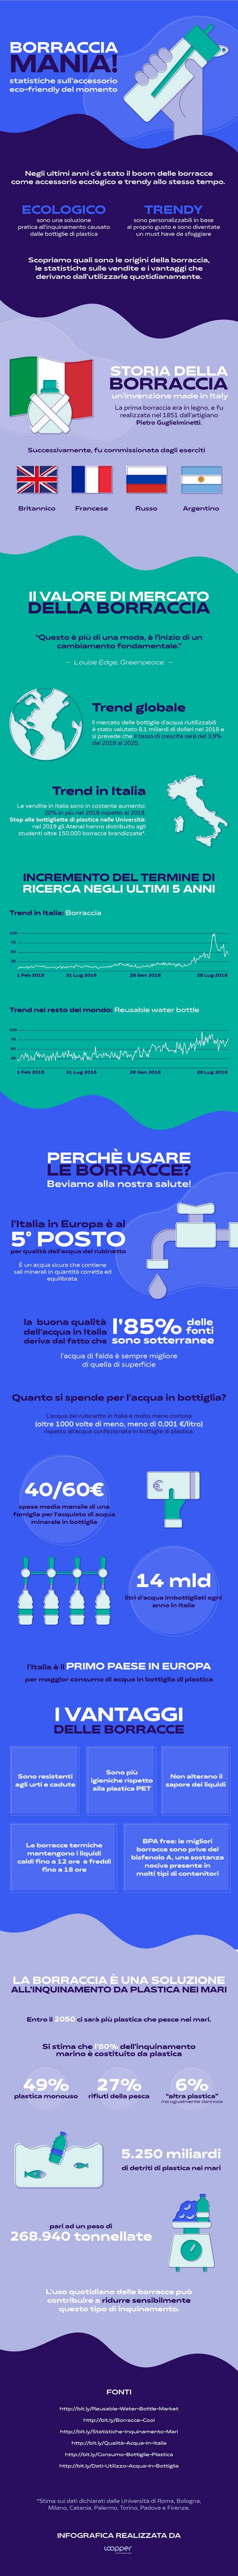 Perché le borracce ecologiche sono di moda in Italia? - Sputnik Italia